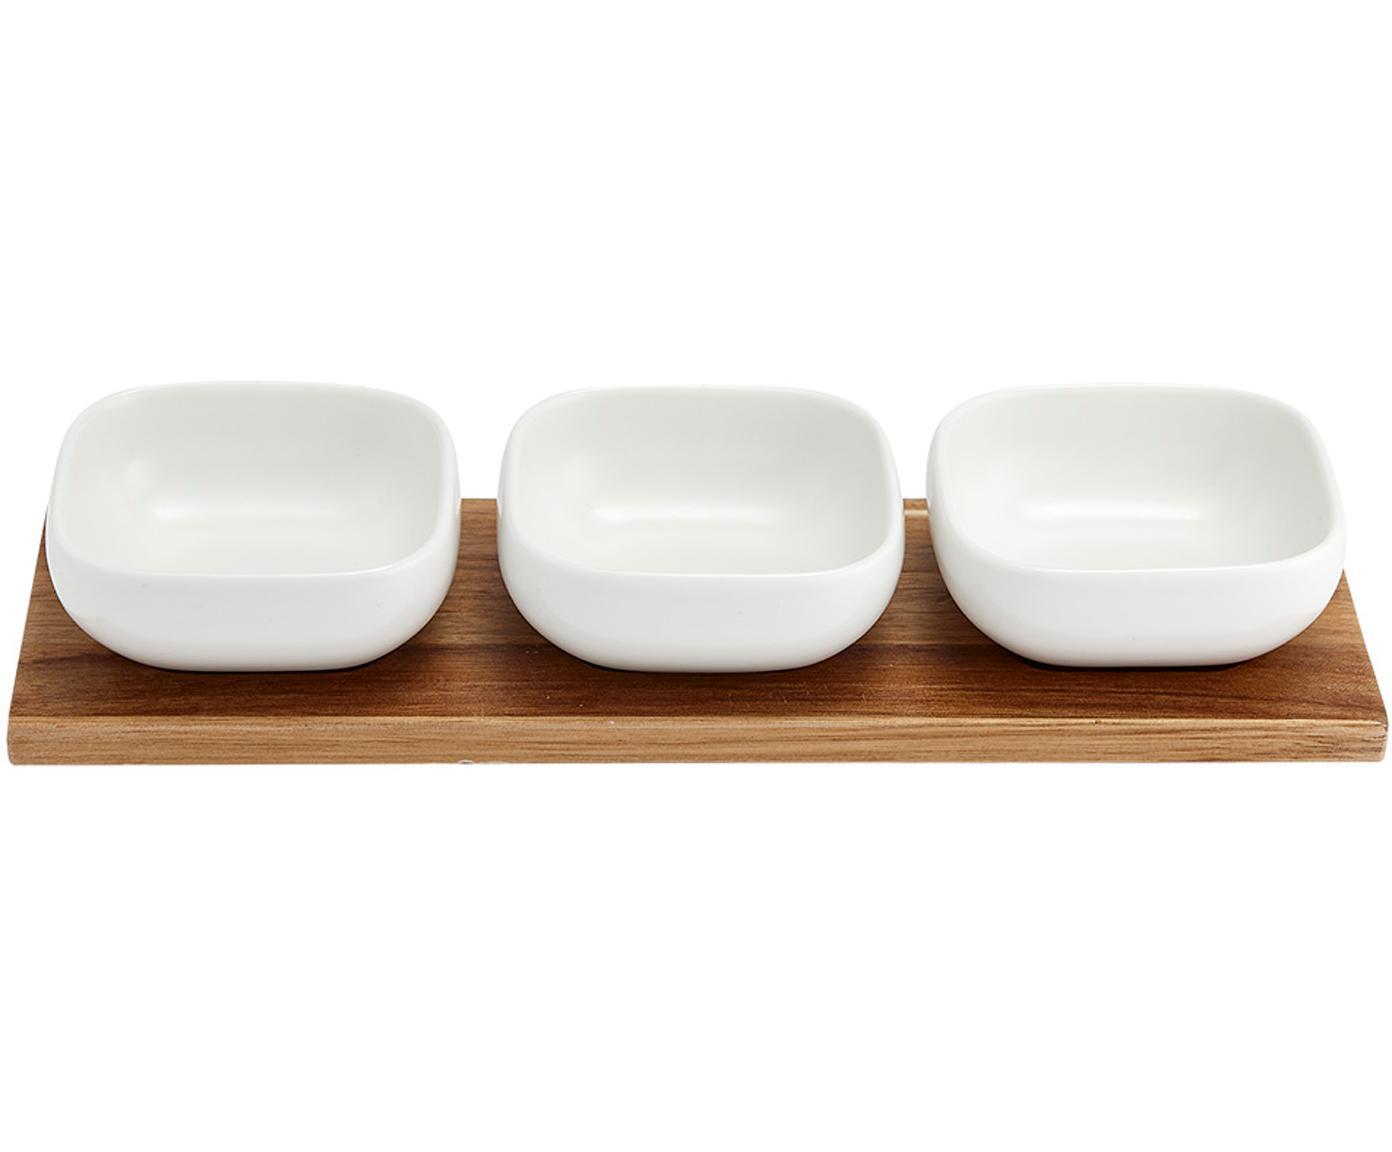 Schälchen Essentials aus Porzellan und Akazienholz, 4er-Set, Schälchen: Porzellan, Tablett: Akazienholz, Weiß, Akazienholz, Sondergrößen